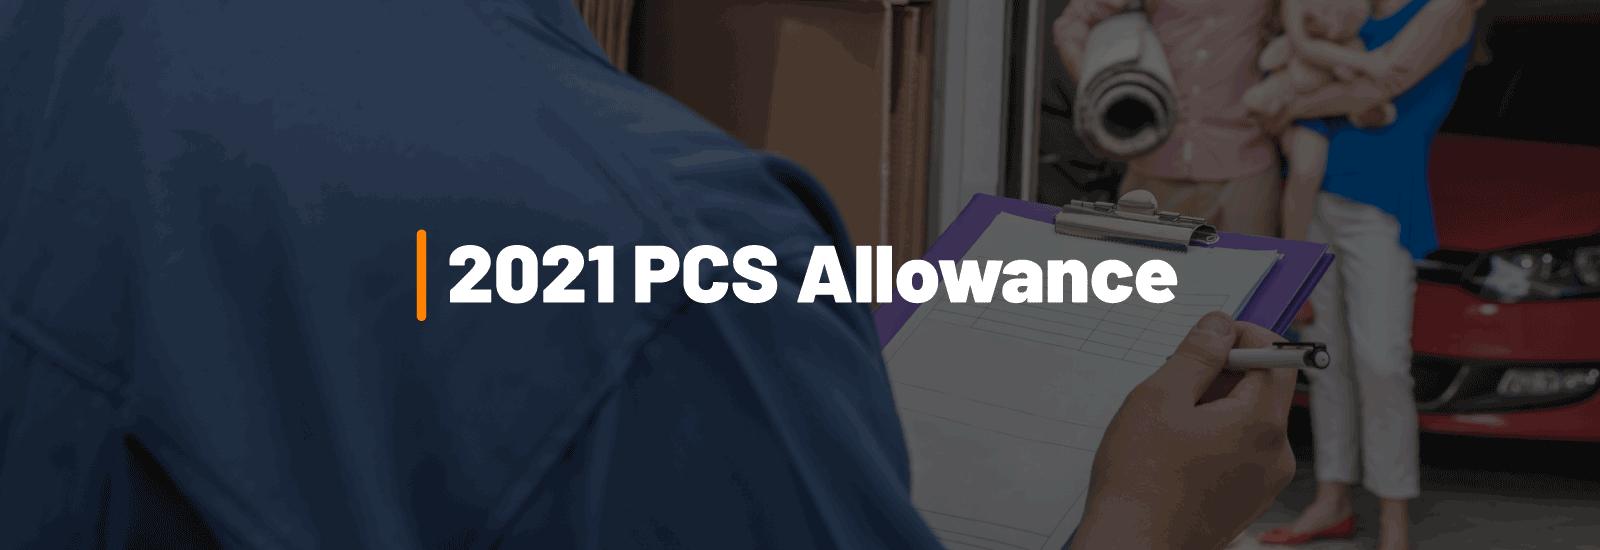 2021 PCS Allowance